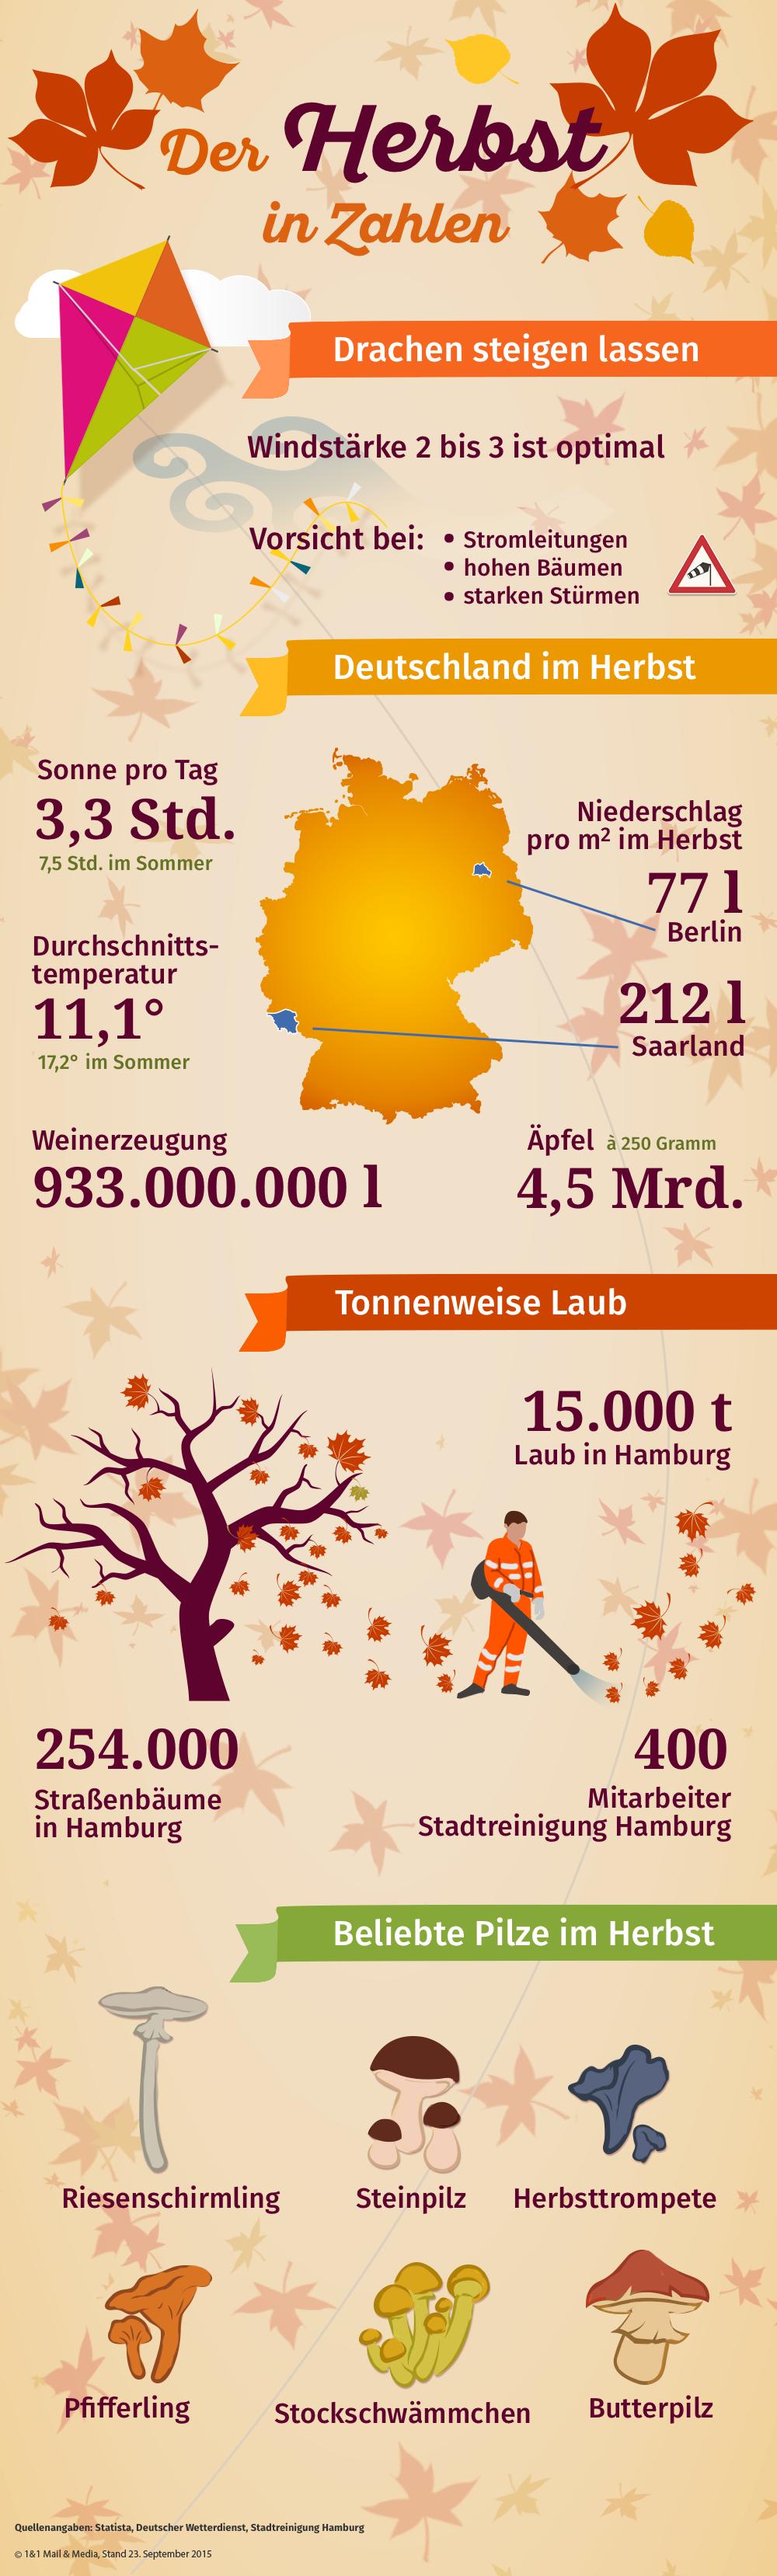 Wie Wird Das Wetter In Koblenz